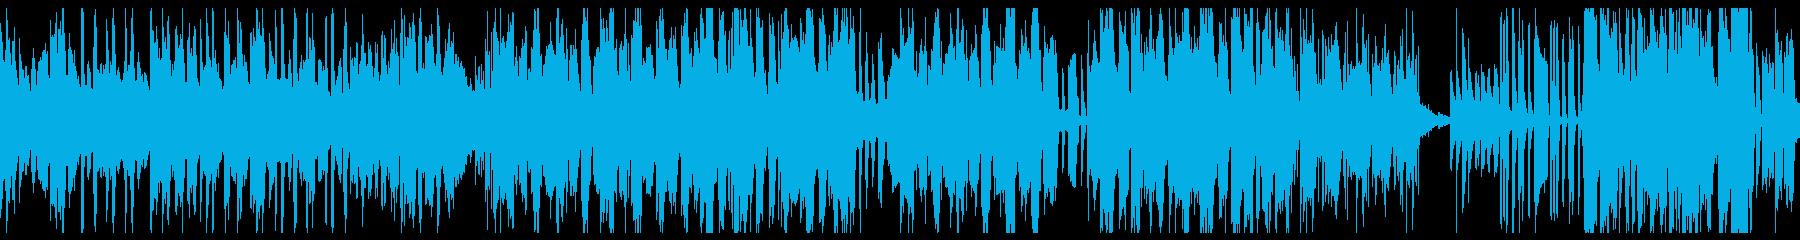 ファンクなグルーヴのループ音楽の再生済みの波形